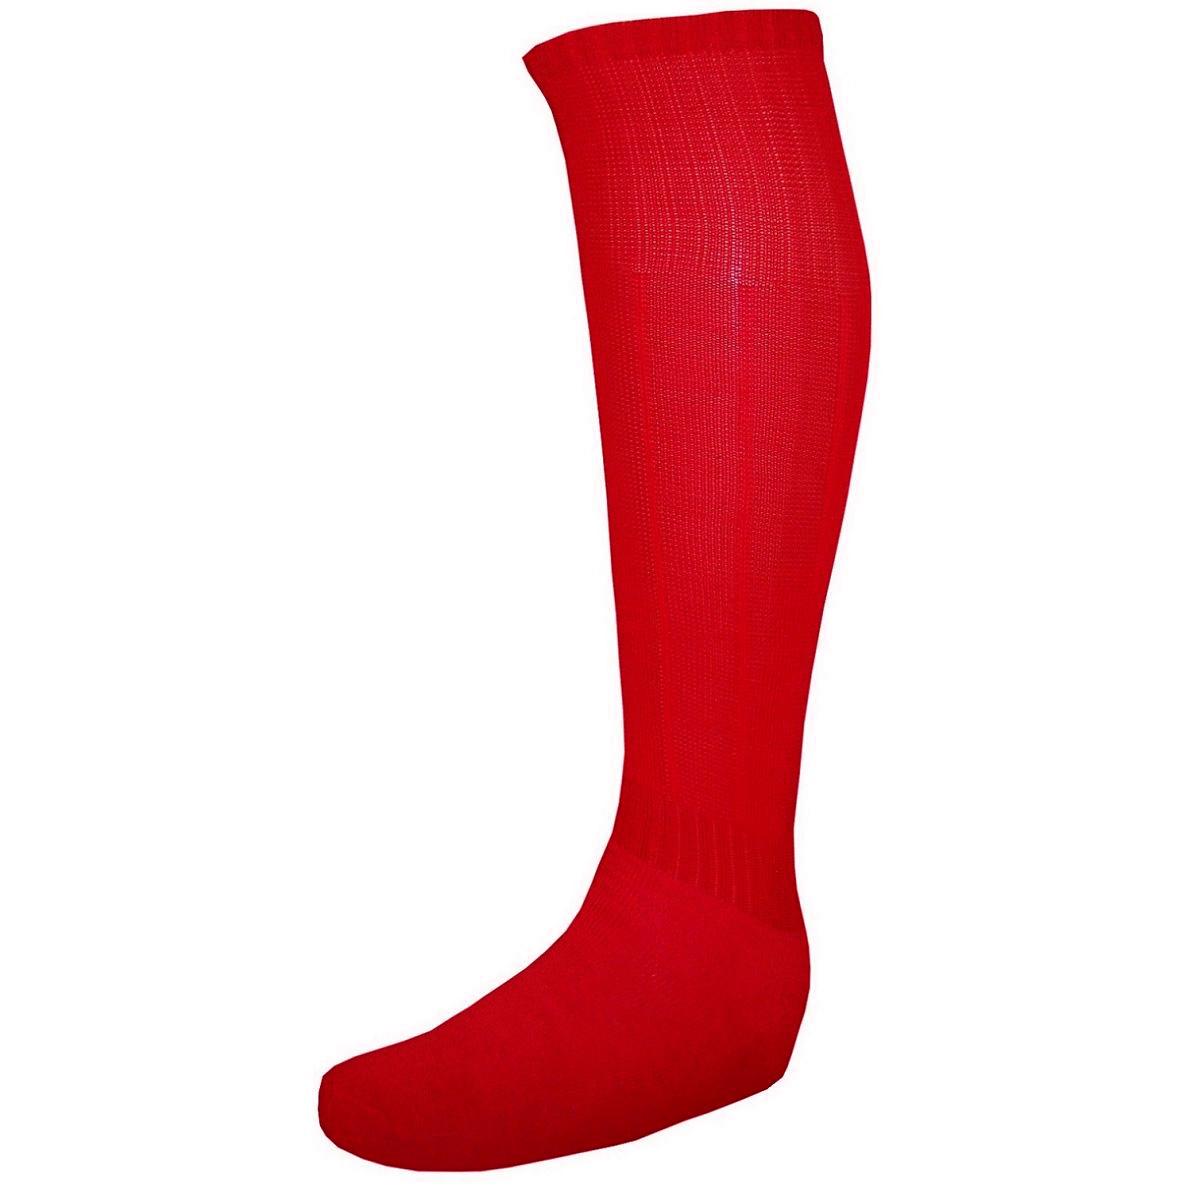 Uniforme Completo modelo Milan 12+1 (12 Camisas Preto/Vermelho + 12 Calções modelo Copa Preto/Vermelho + 13 Pares de Meiões + 1 Conjunto de Goleiro) + Brindes